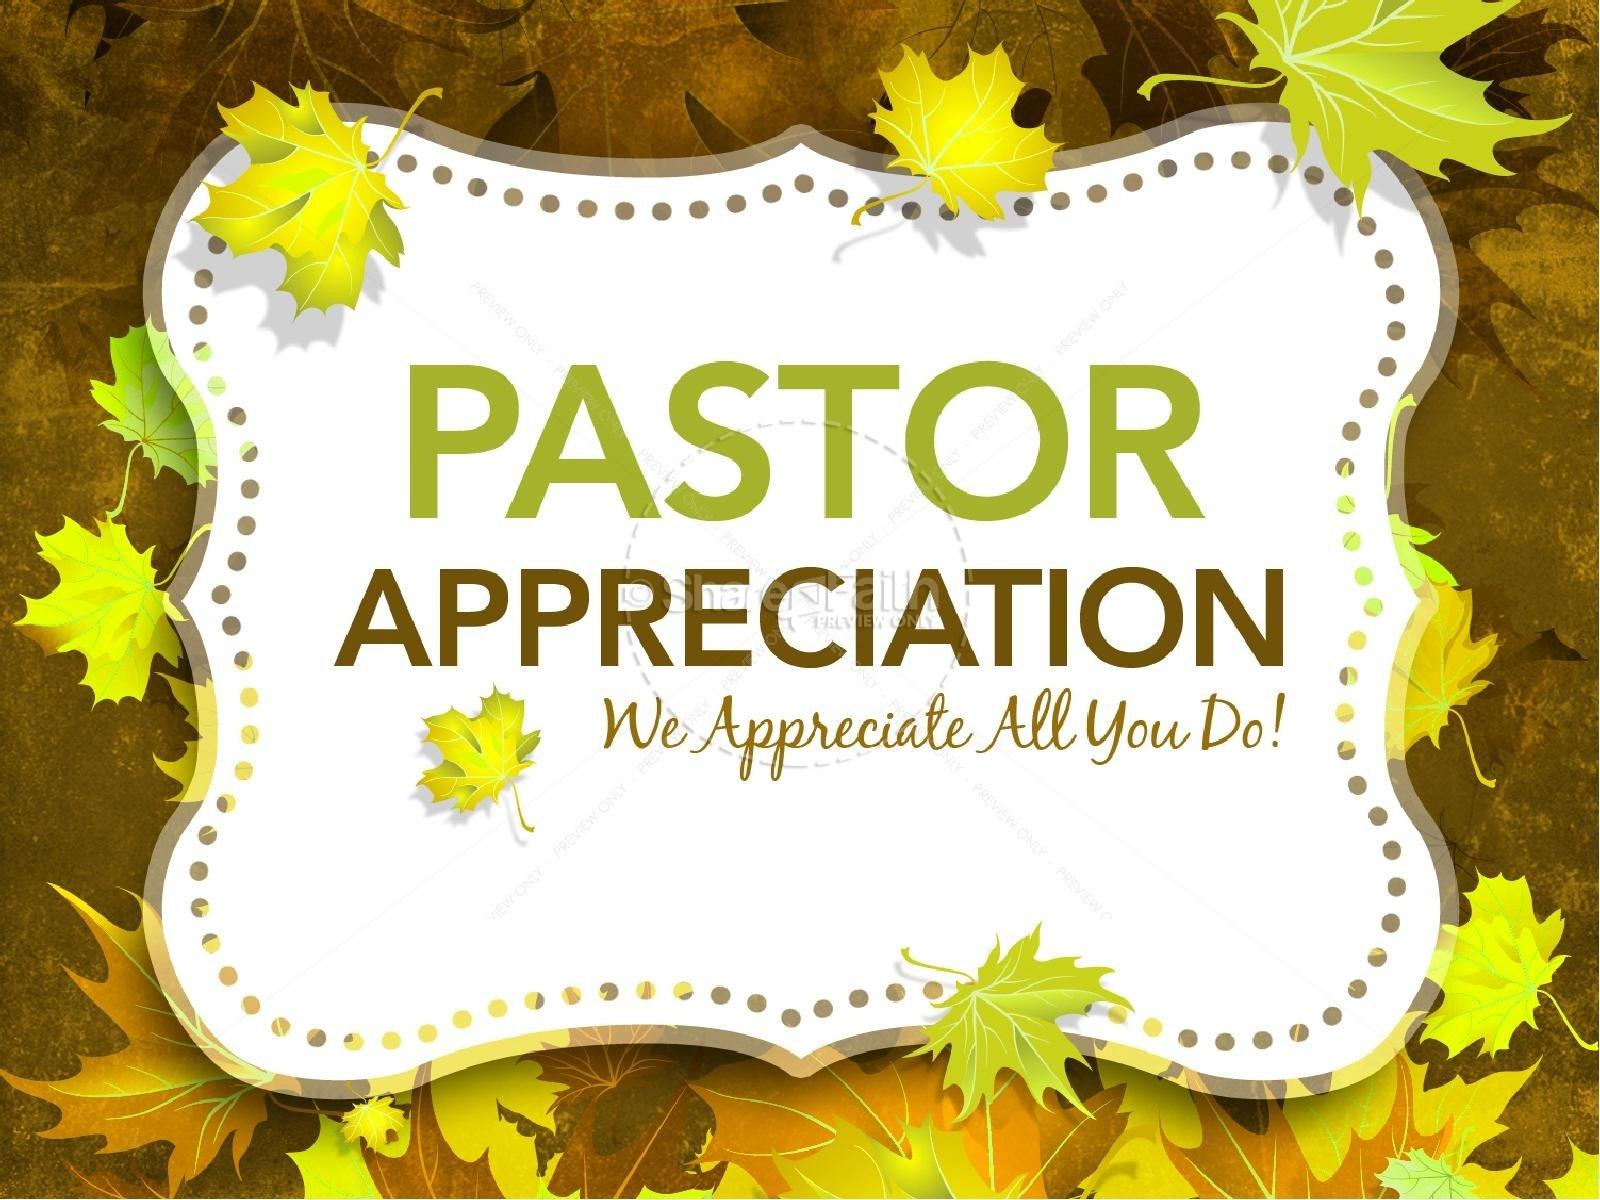 Pastor appreciation clipart free 6 » Clipart Portal.